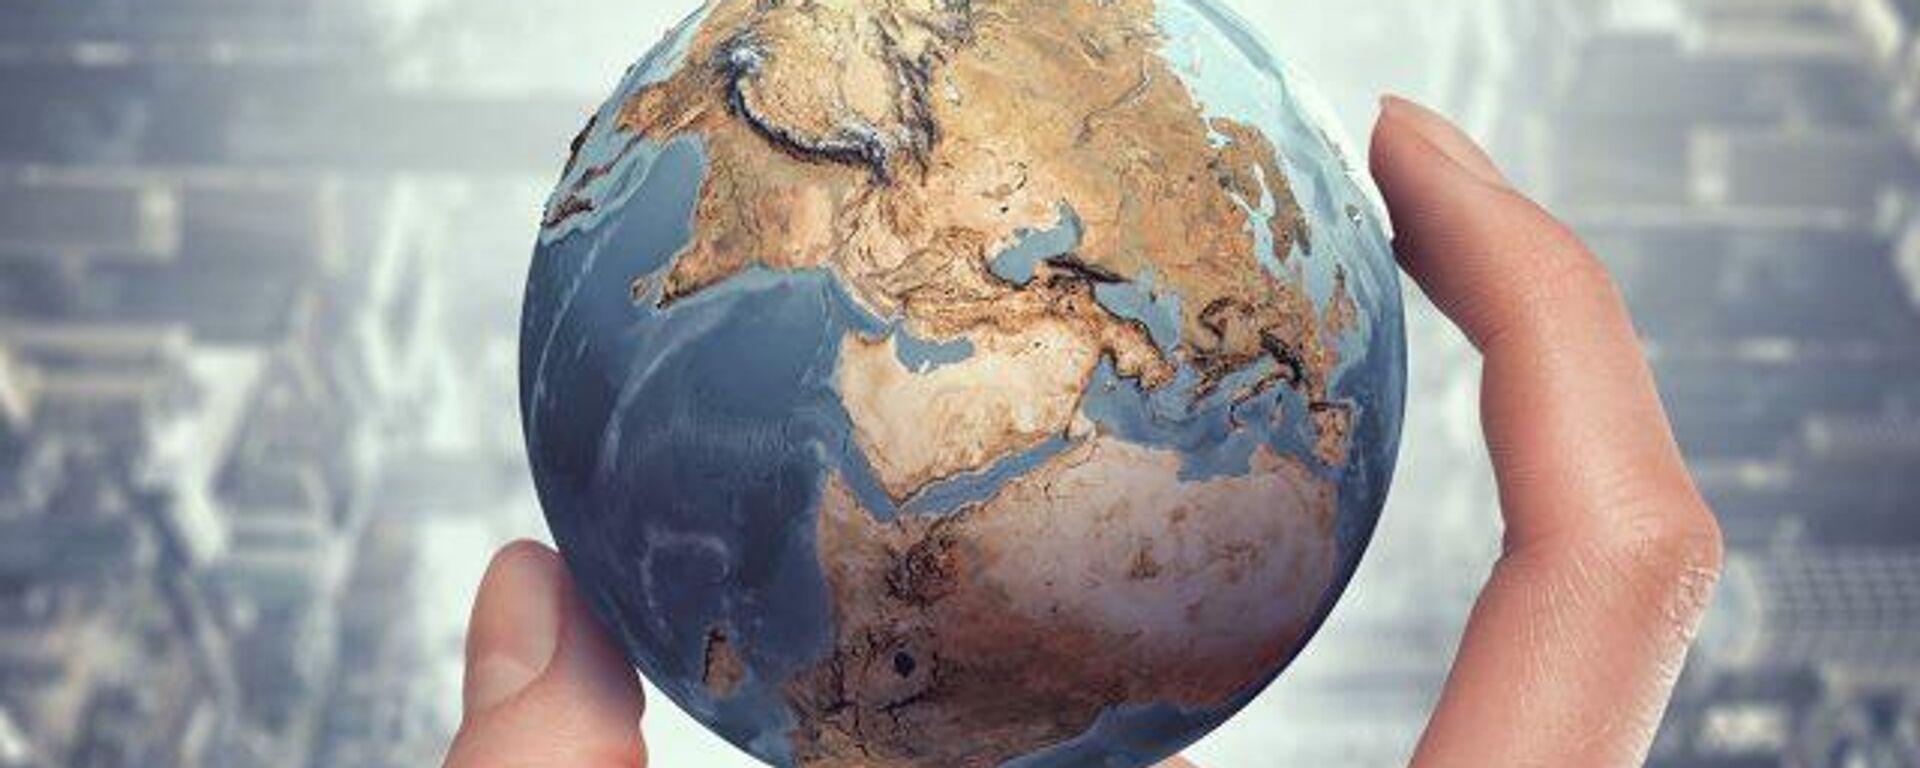 Borren Facebook: la gigante de Internet y Australia en pie de guerra  - Sputnik Mundo, 1920, 18.02.2021